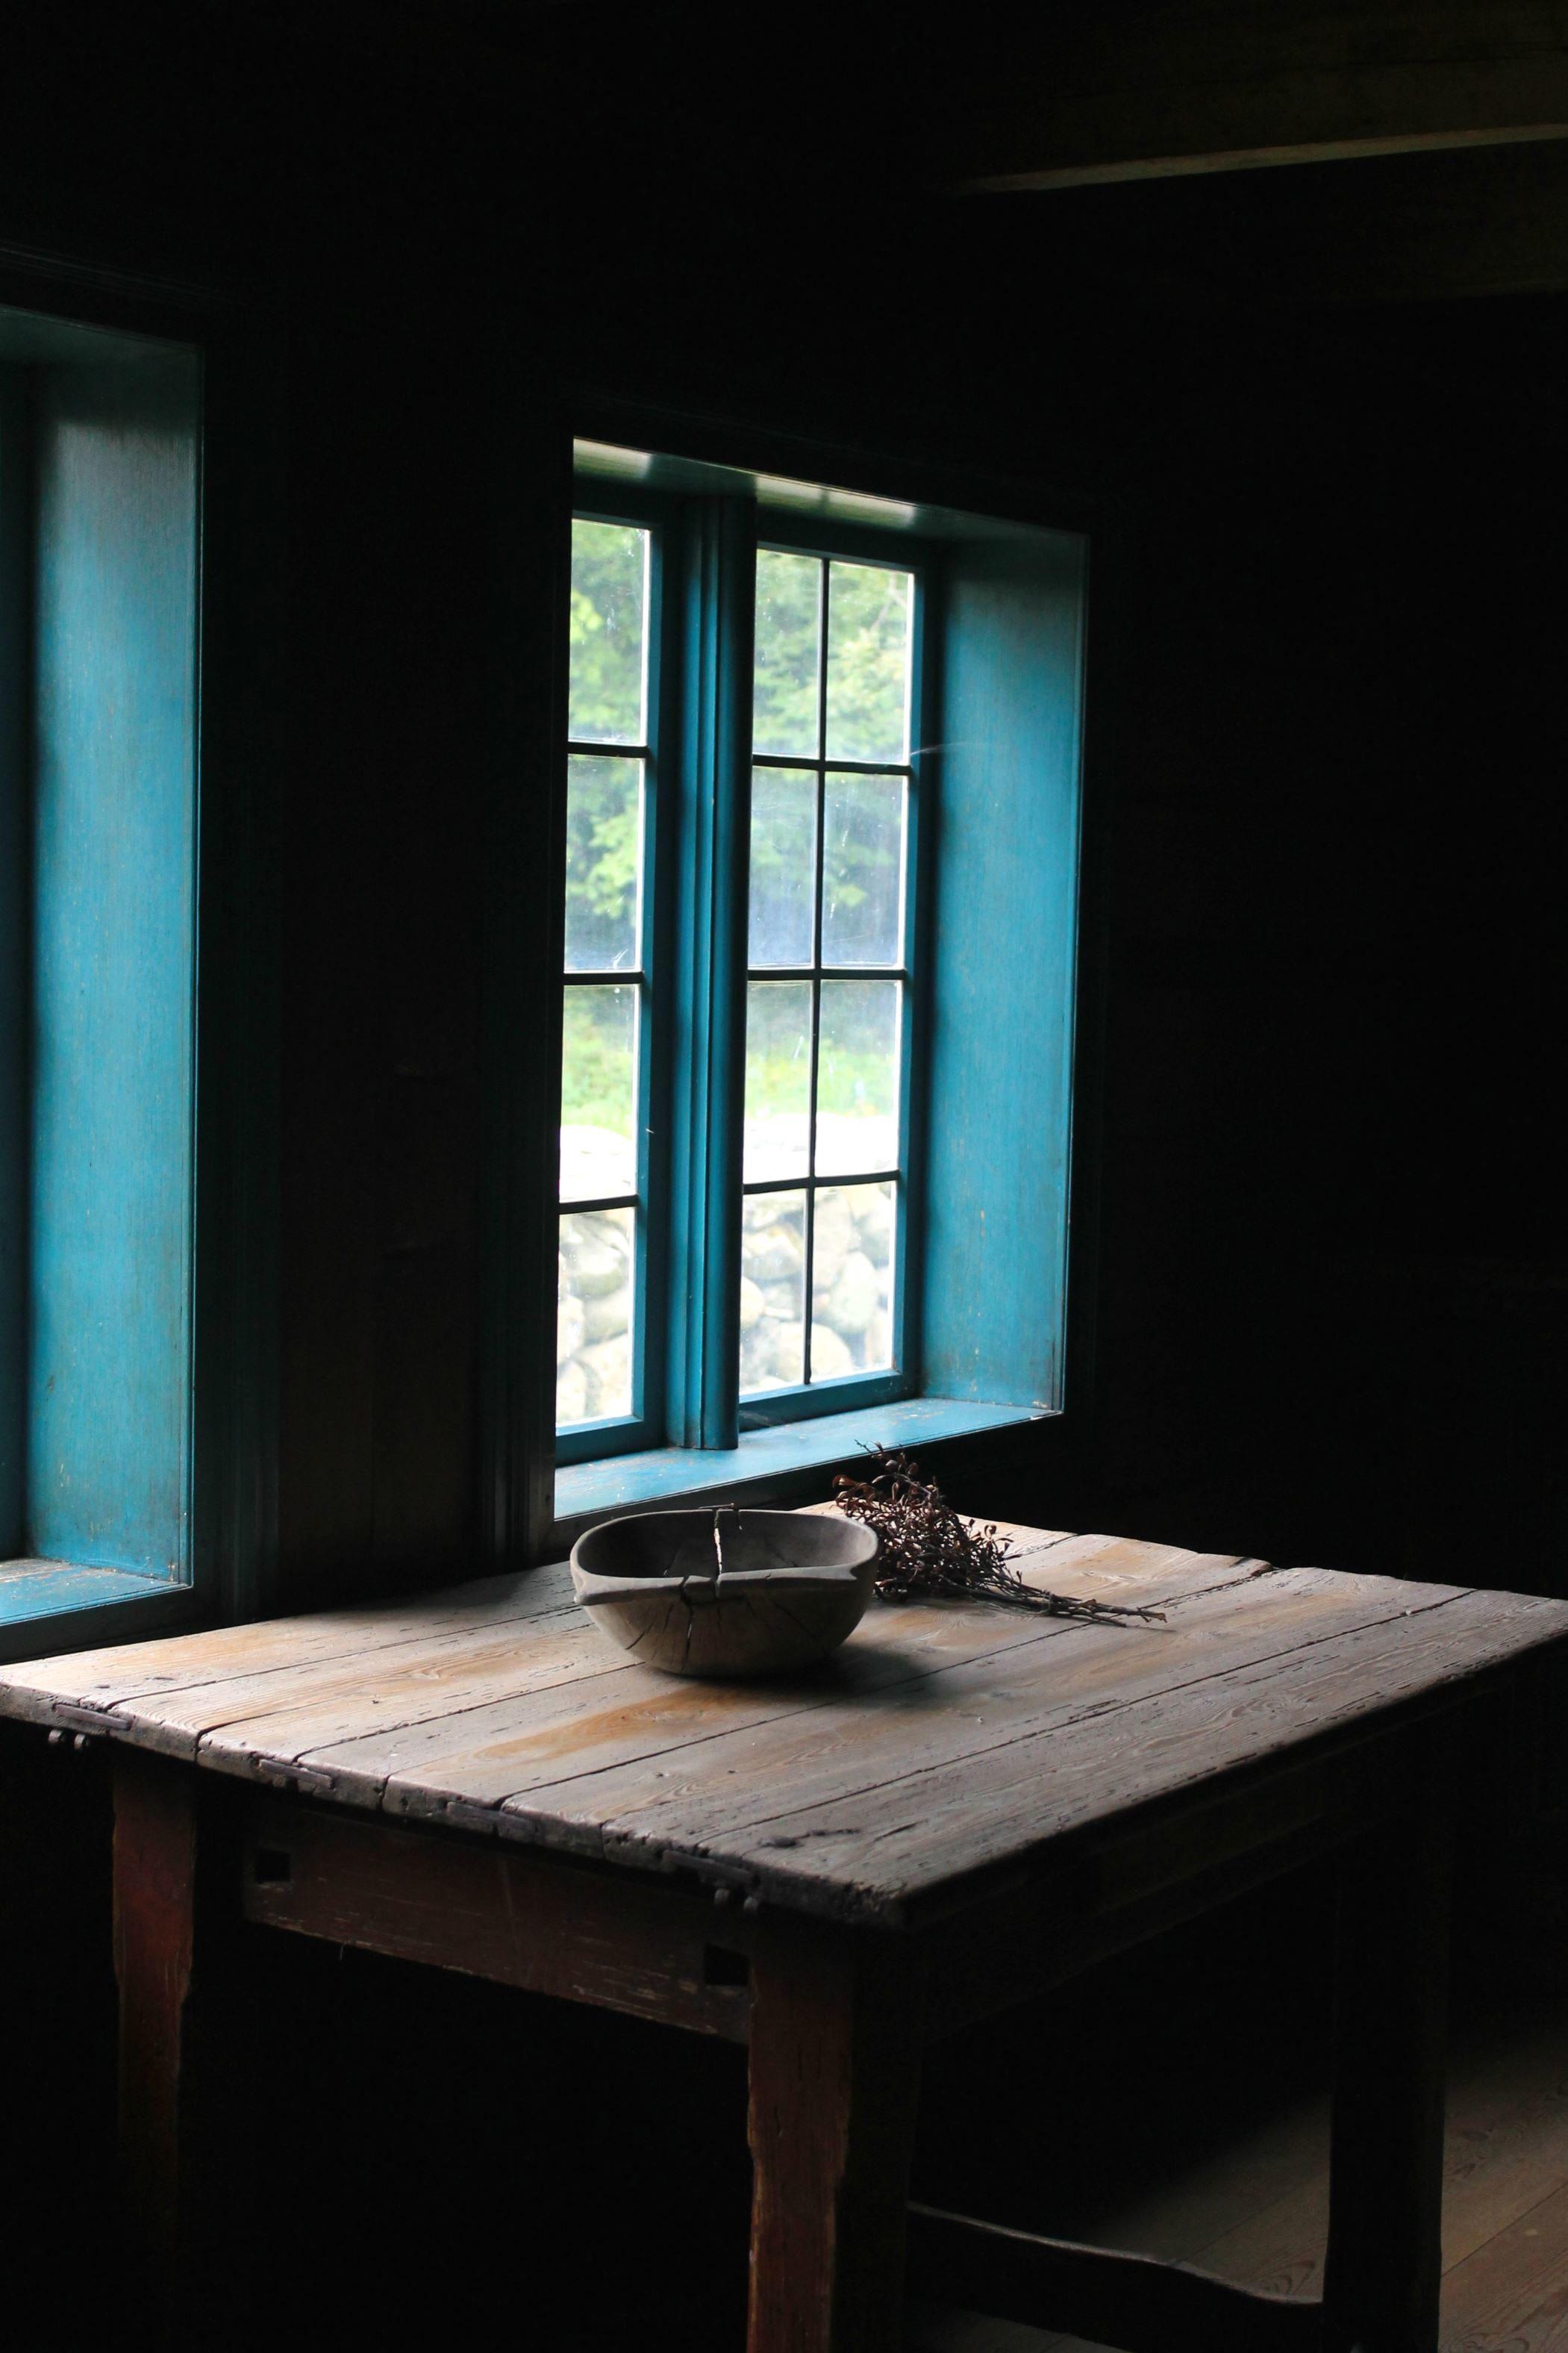 kostenlose bild rustikal tisch fenster holz. Black Bedroom Furniture Sets. Home Design Ideas